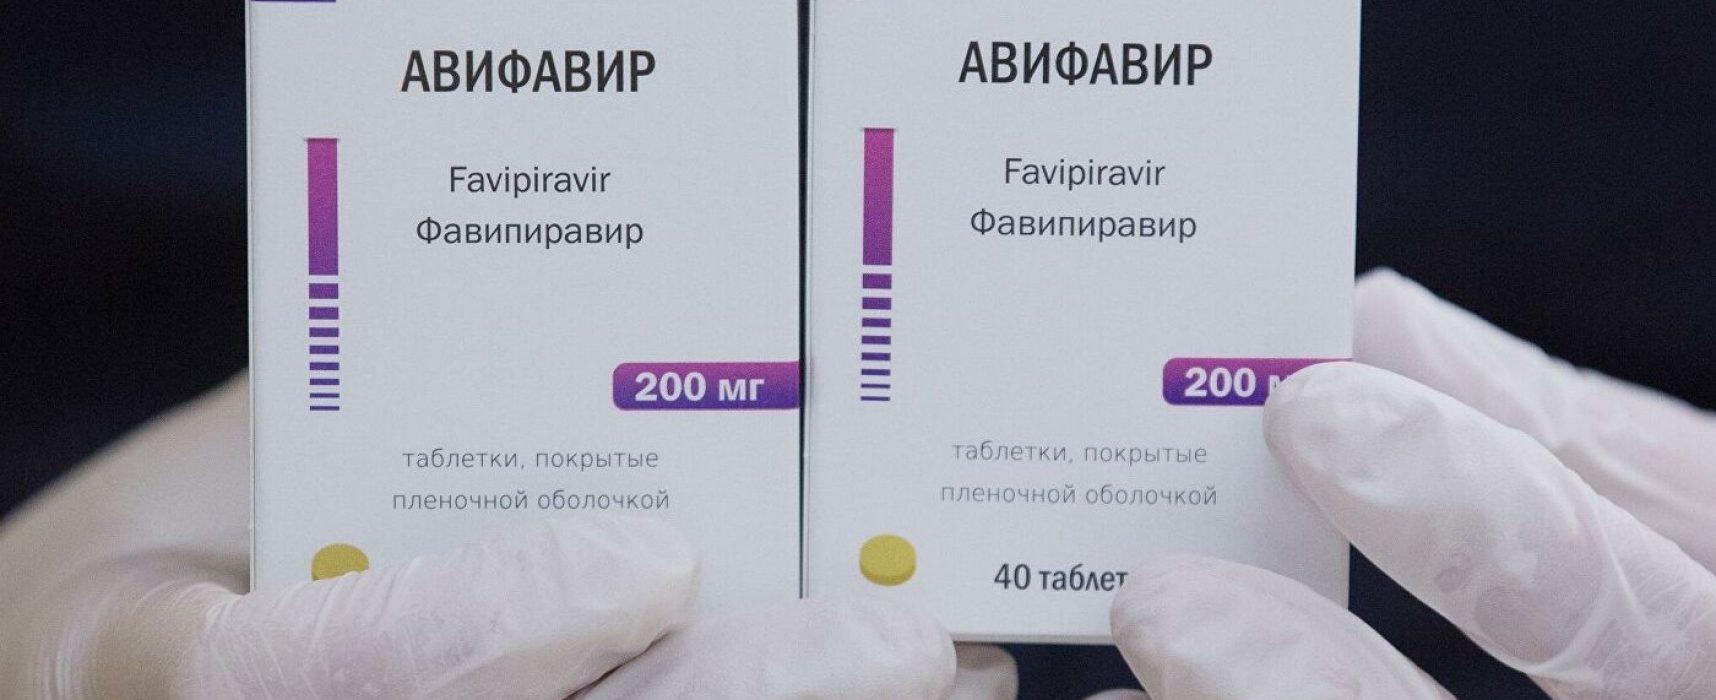 Кисельов назвав російські ліки проти COVID-19 революцією в медицині. Але це лише дженерик японського препарату